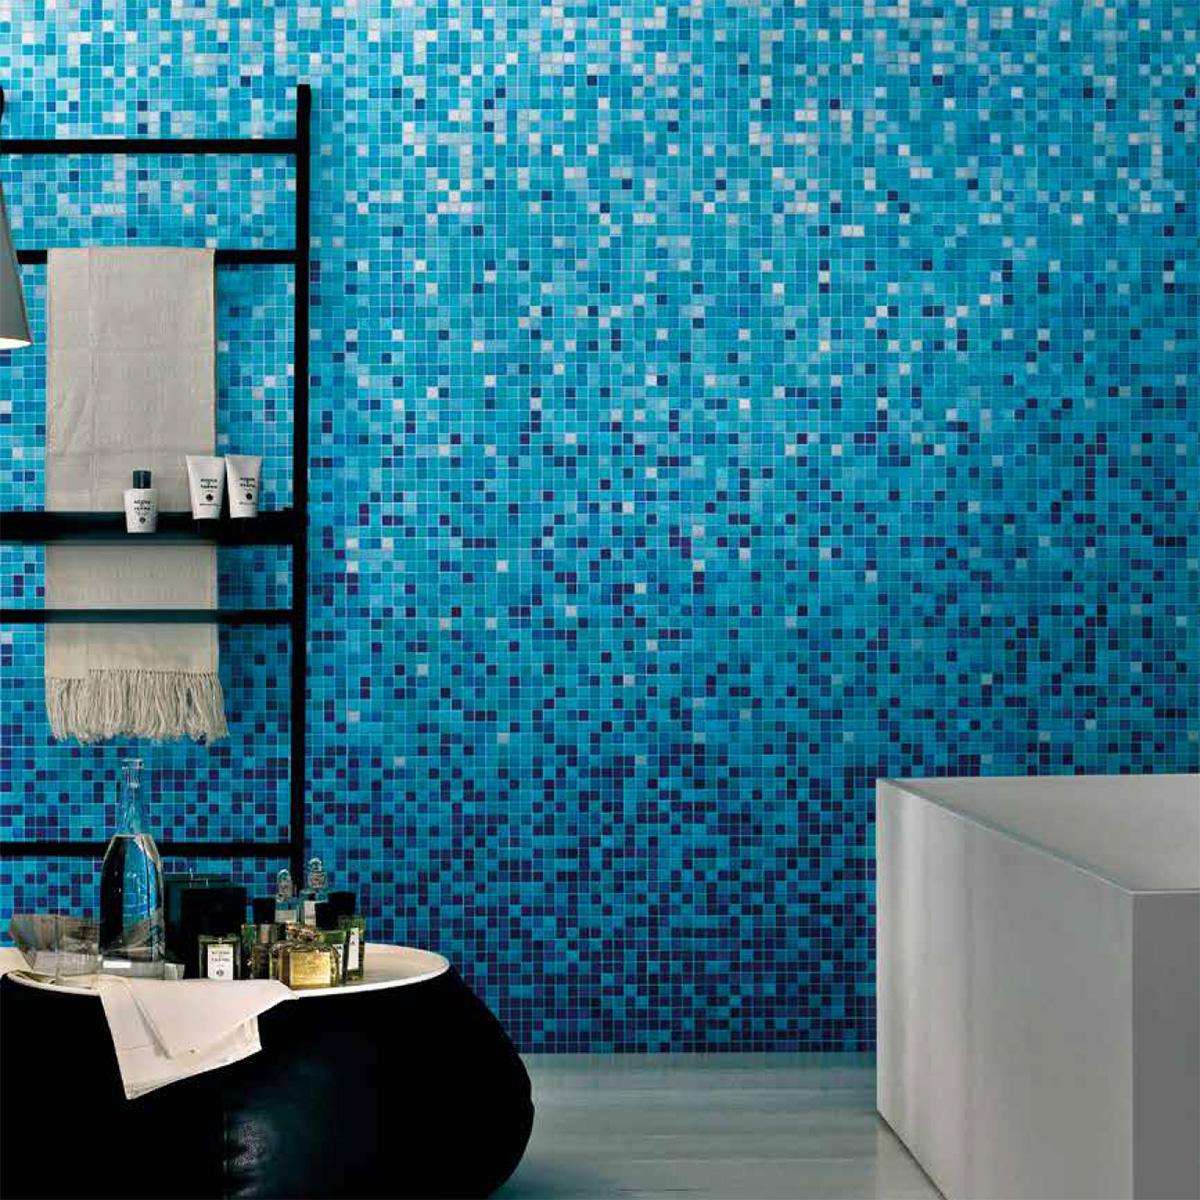 Exquisite Bathroom Mosaic Tiles  Bisazza Australia